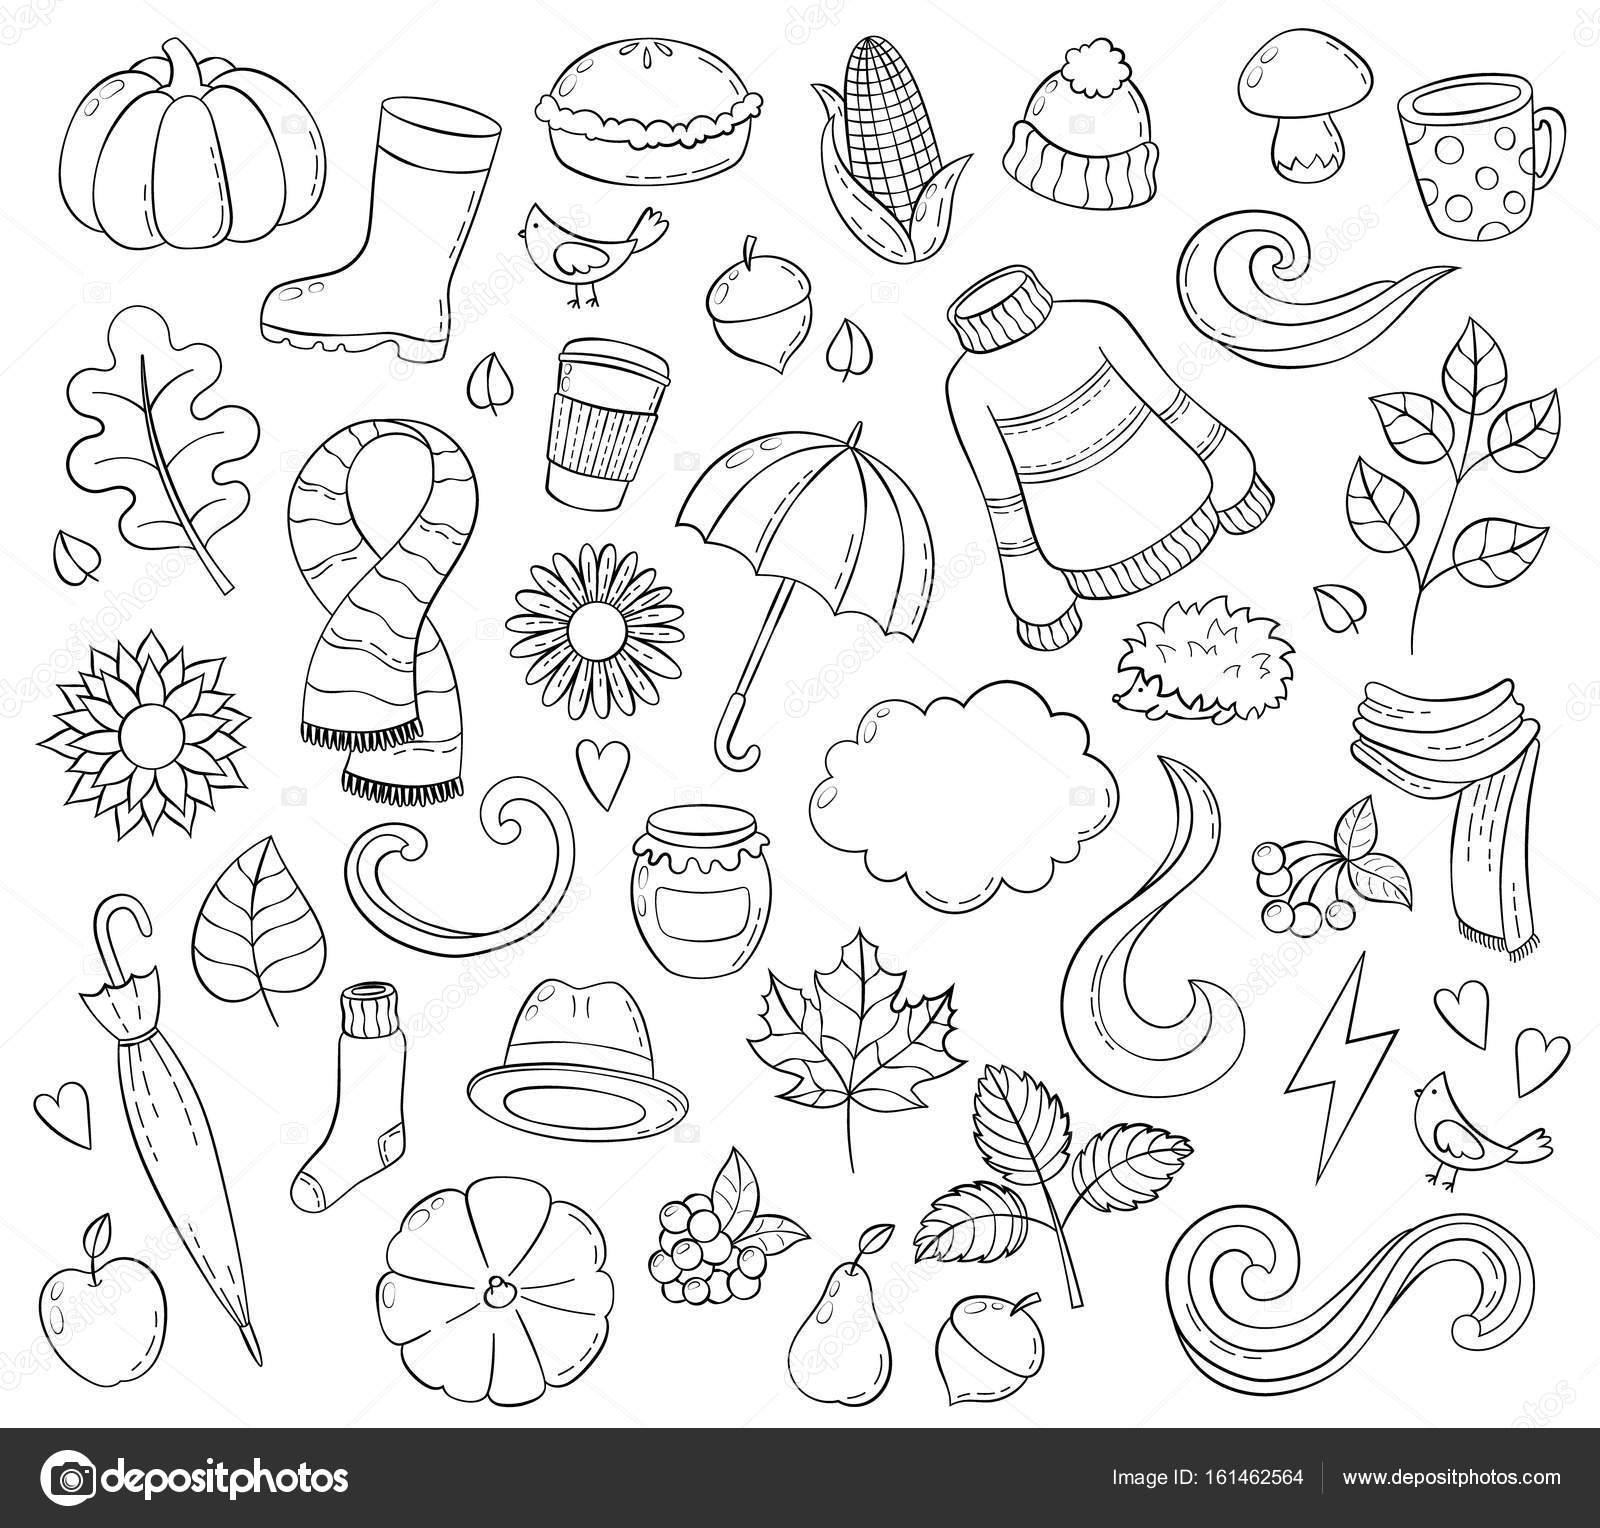 Coloriage Anti Stress Automne.La Valeur Automne Dessines A La Main Doodle Illustrations Modele